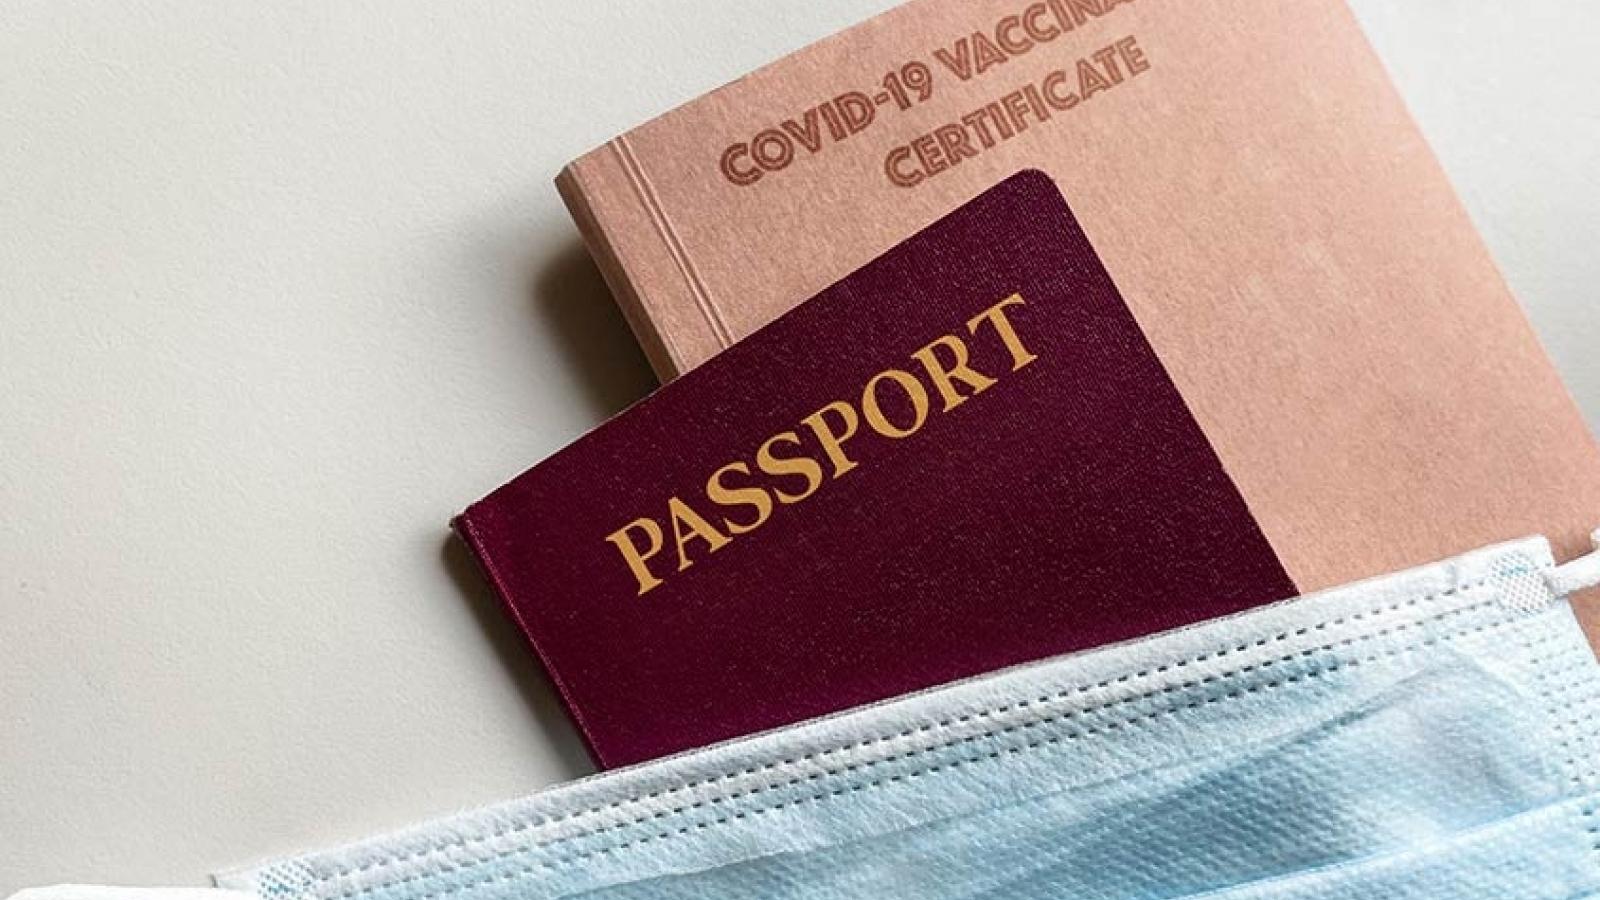 Hy lạp là quốc gia EU đầu tiên công bố hộ chiếu vaccine Covid-19